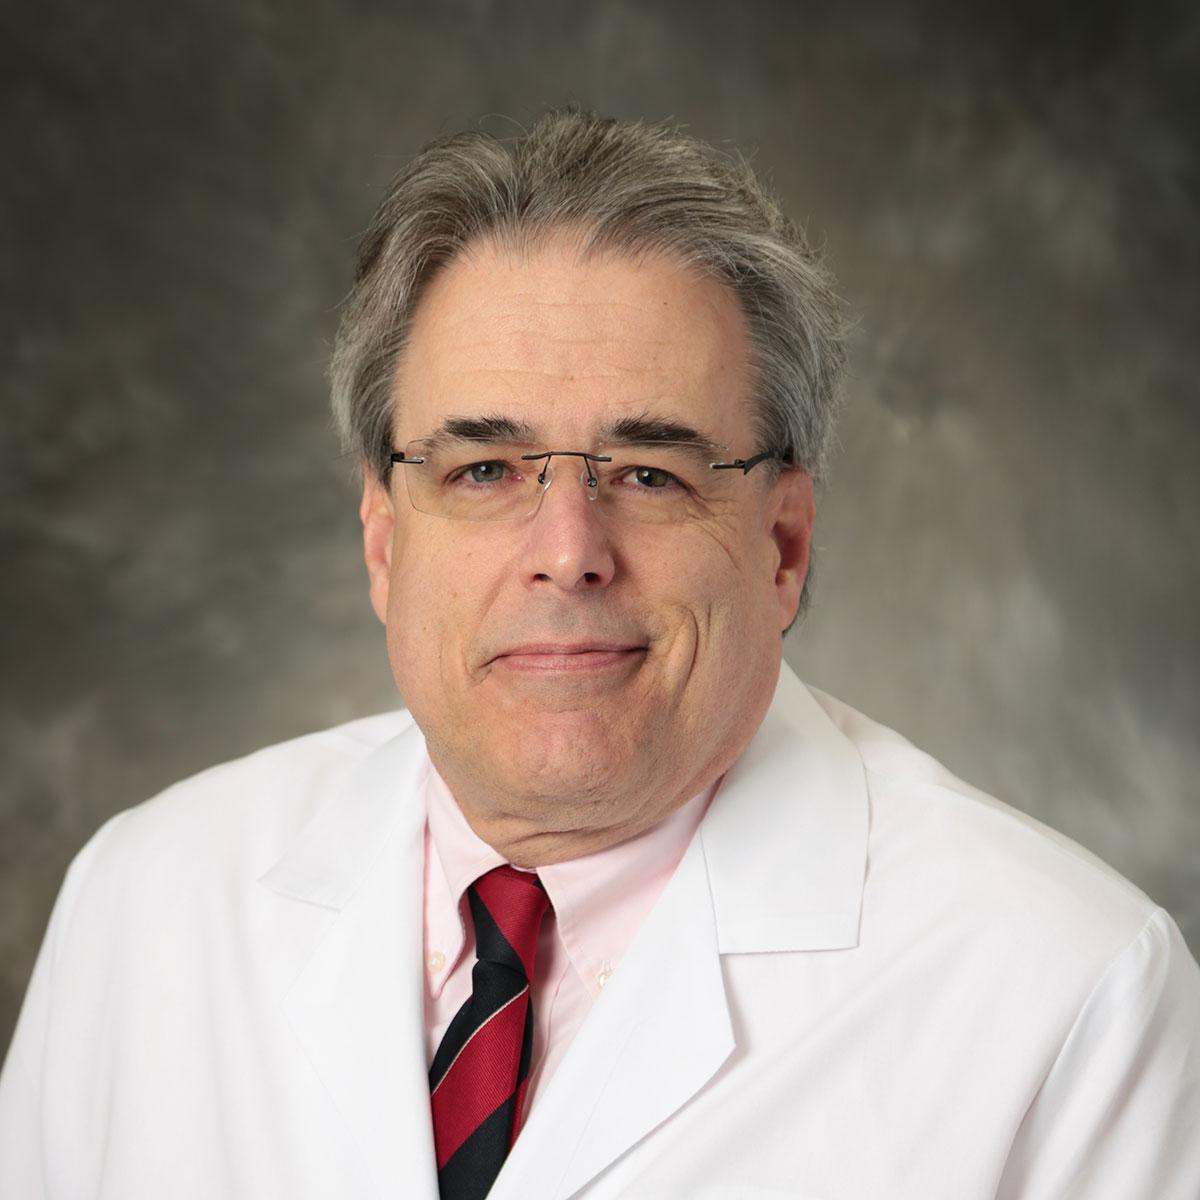 Michael-ONeill-MD